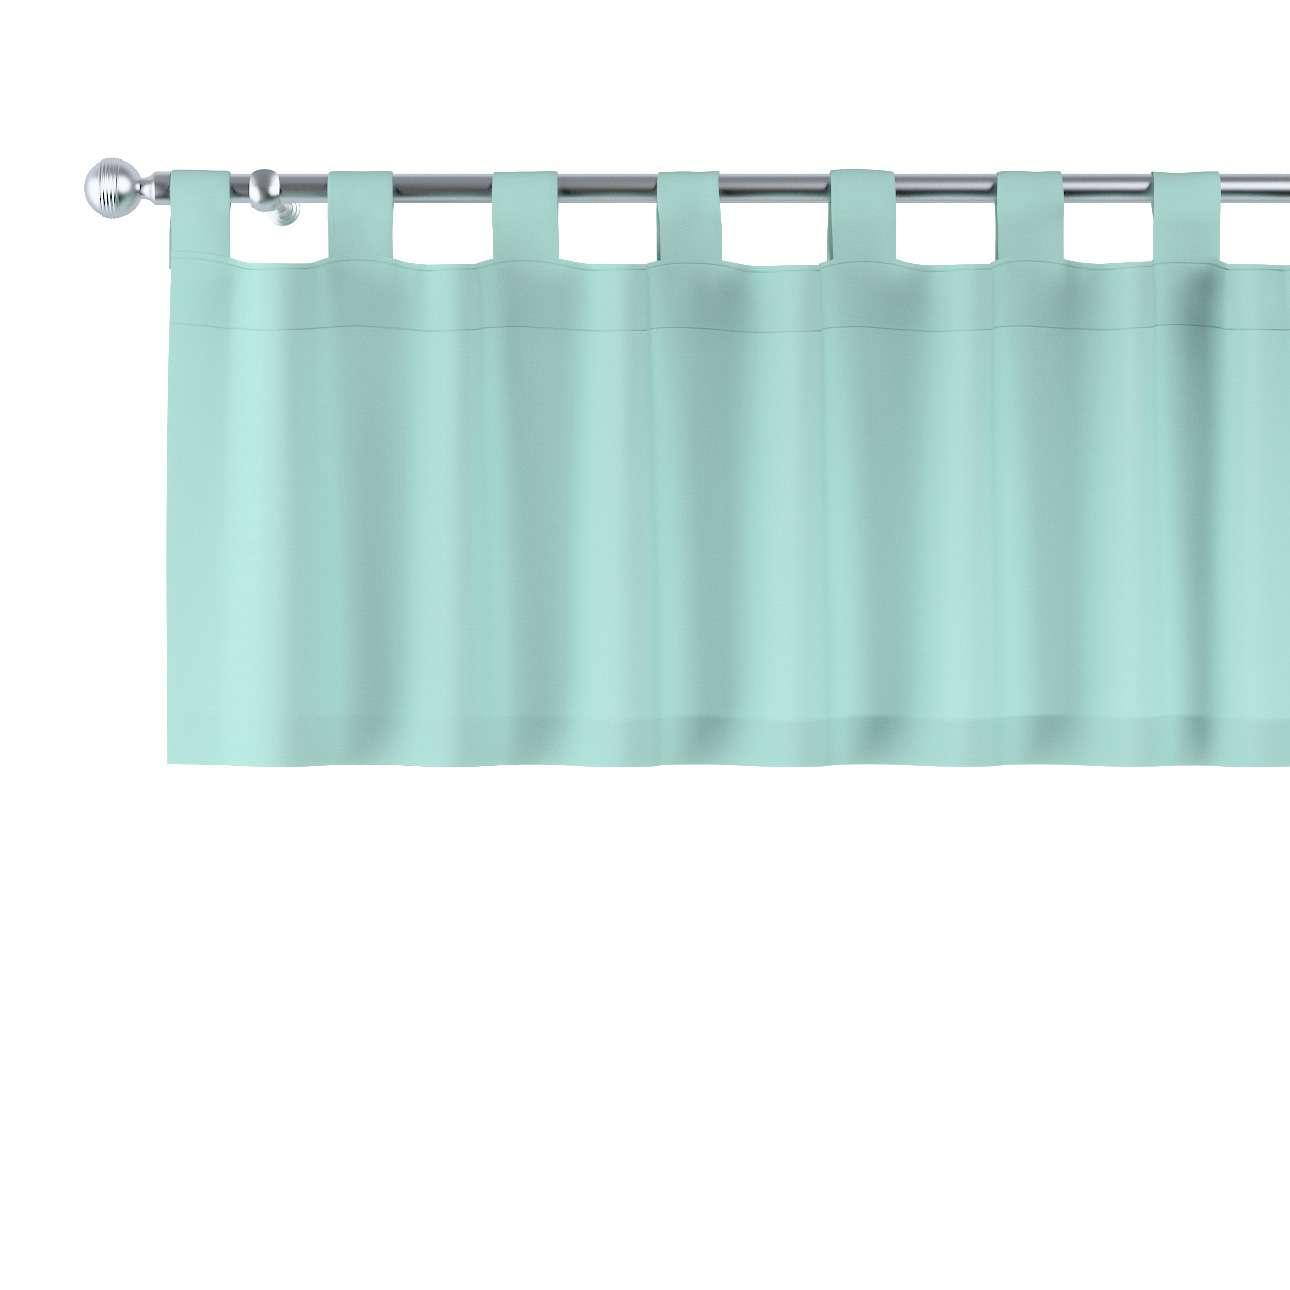 Gardinkappa med hällor i kollektionen Loneta, Tyg: 133-32